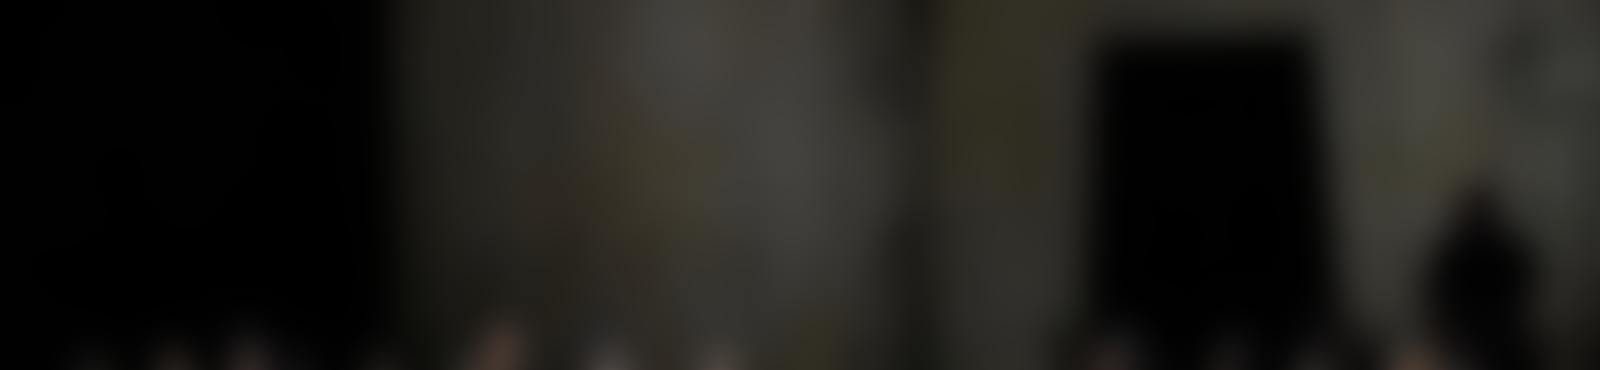 Blurred 5f0a789f da9b 4f2c b118 223391b1b5b9